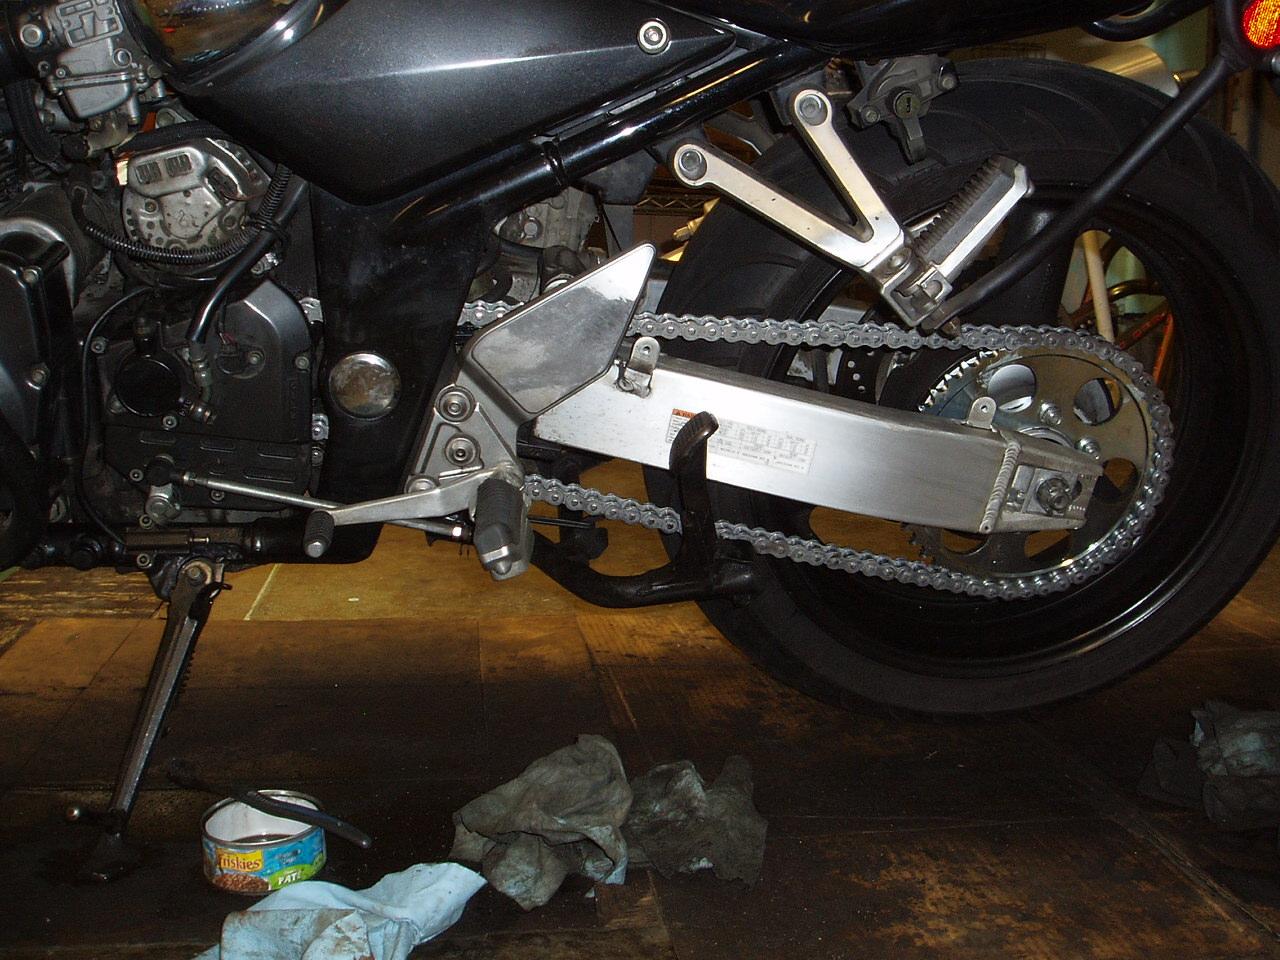 How To Tighten Chain On Suzuki Katana